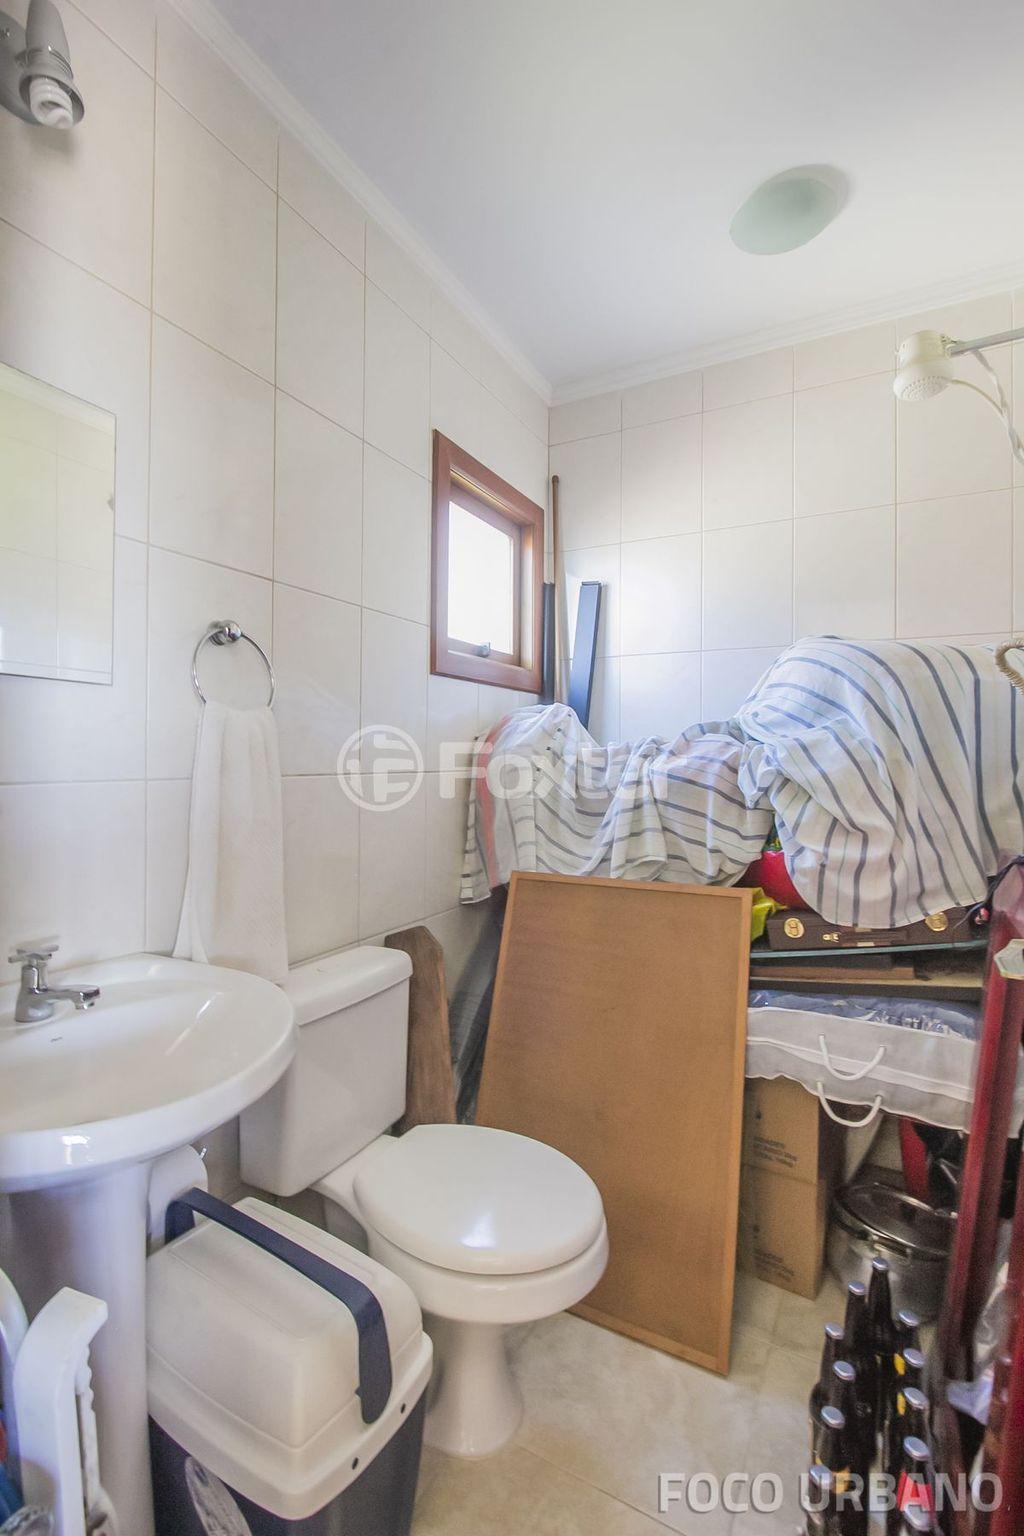 Casa 3 Dorm, Medianeira, Porto Alegre (130267) - Foto 24